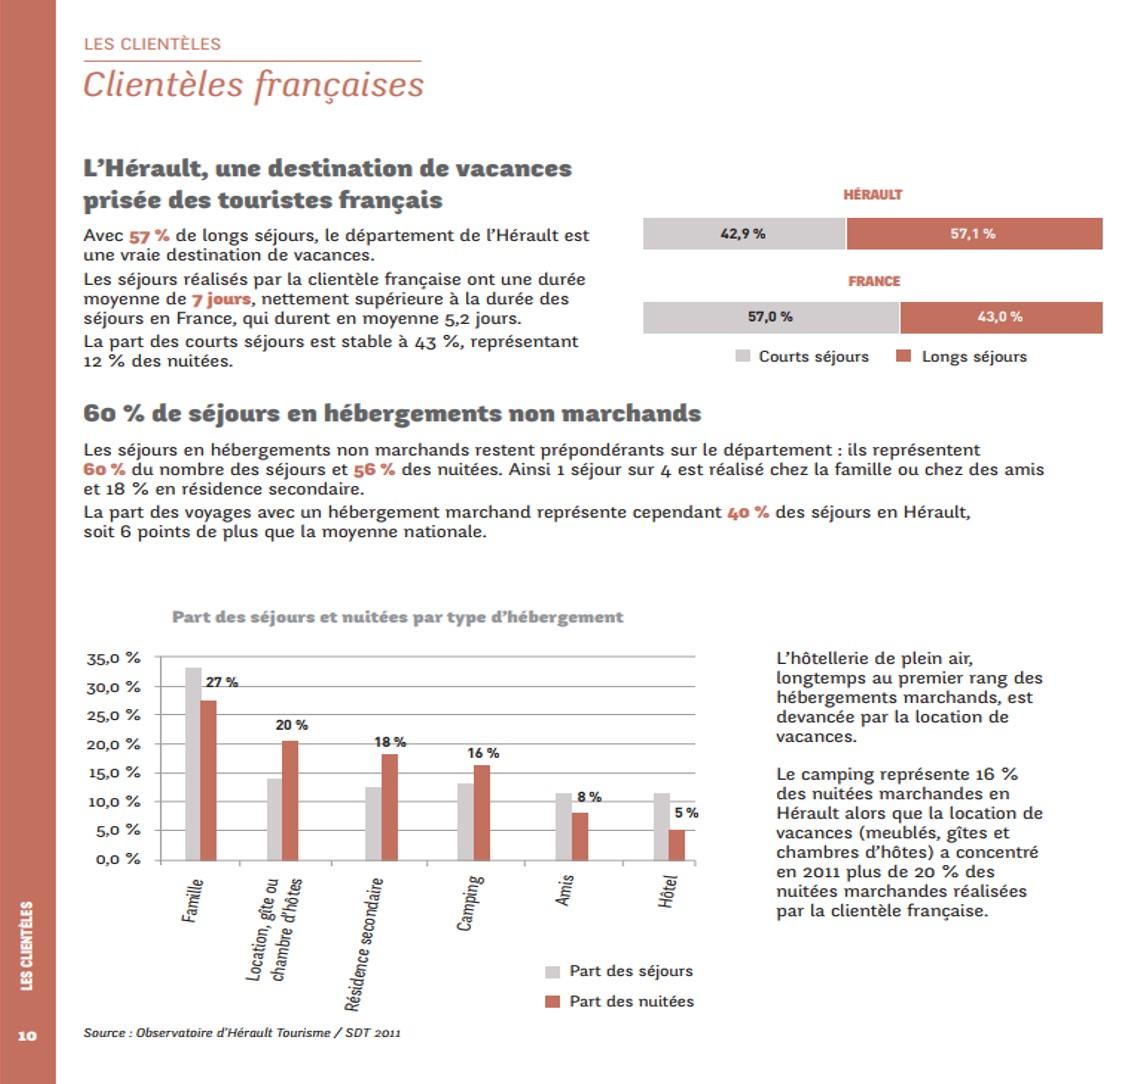 OBS-Profil-Clientele-Francaise.jpg